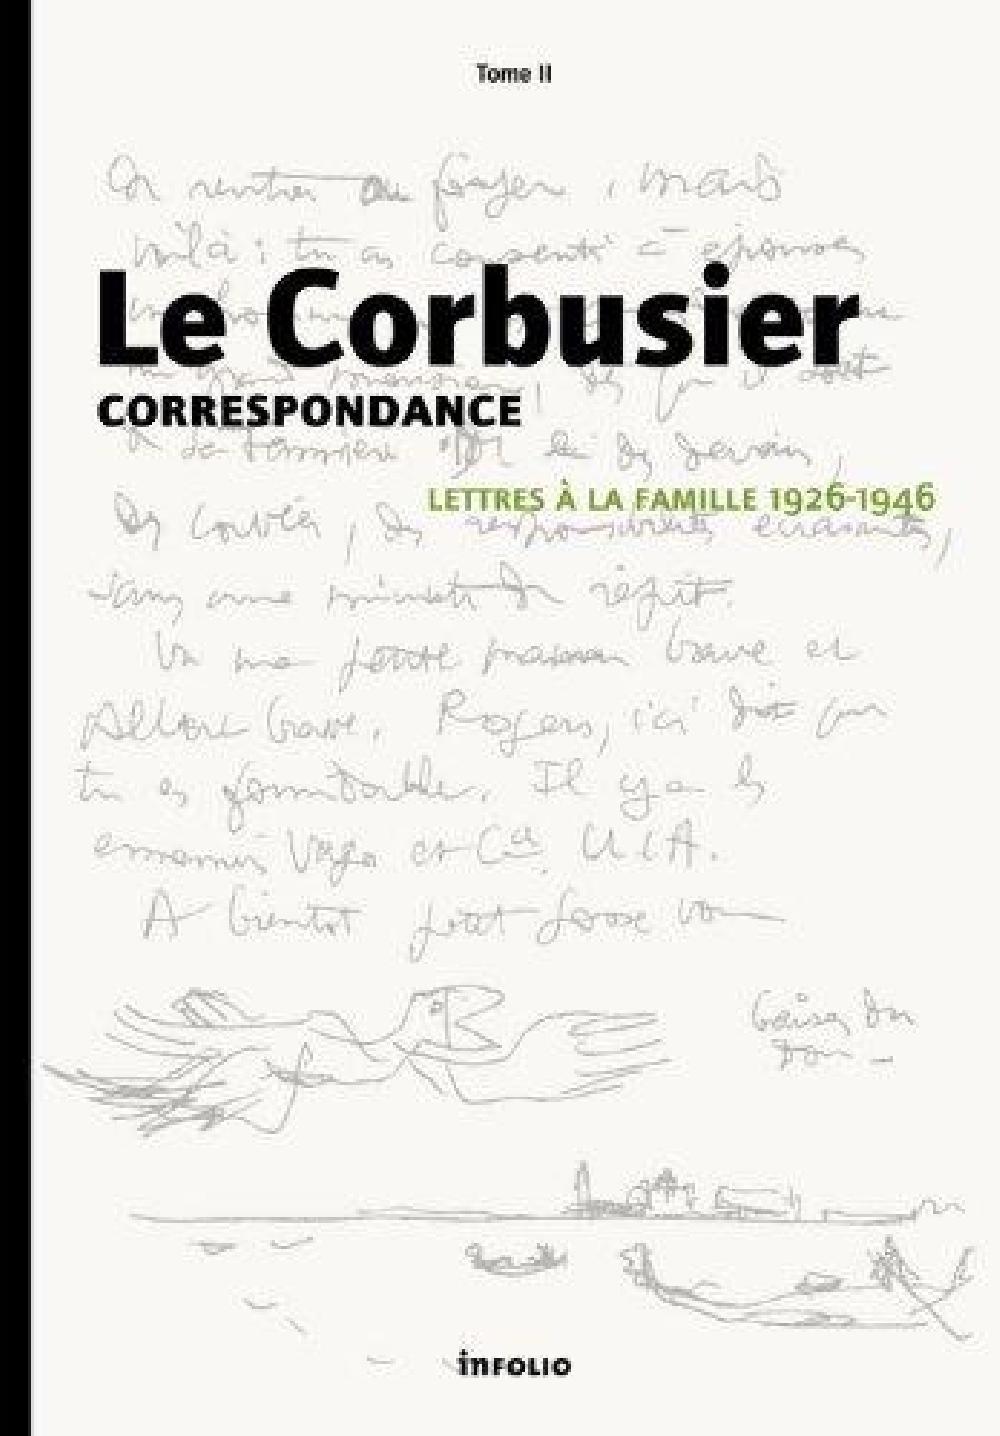 Le Corbusier correspondance - Lettres à la famille 1926-1946